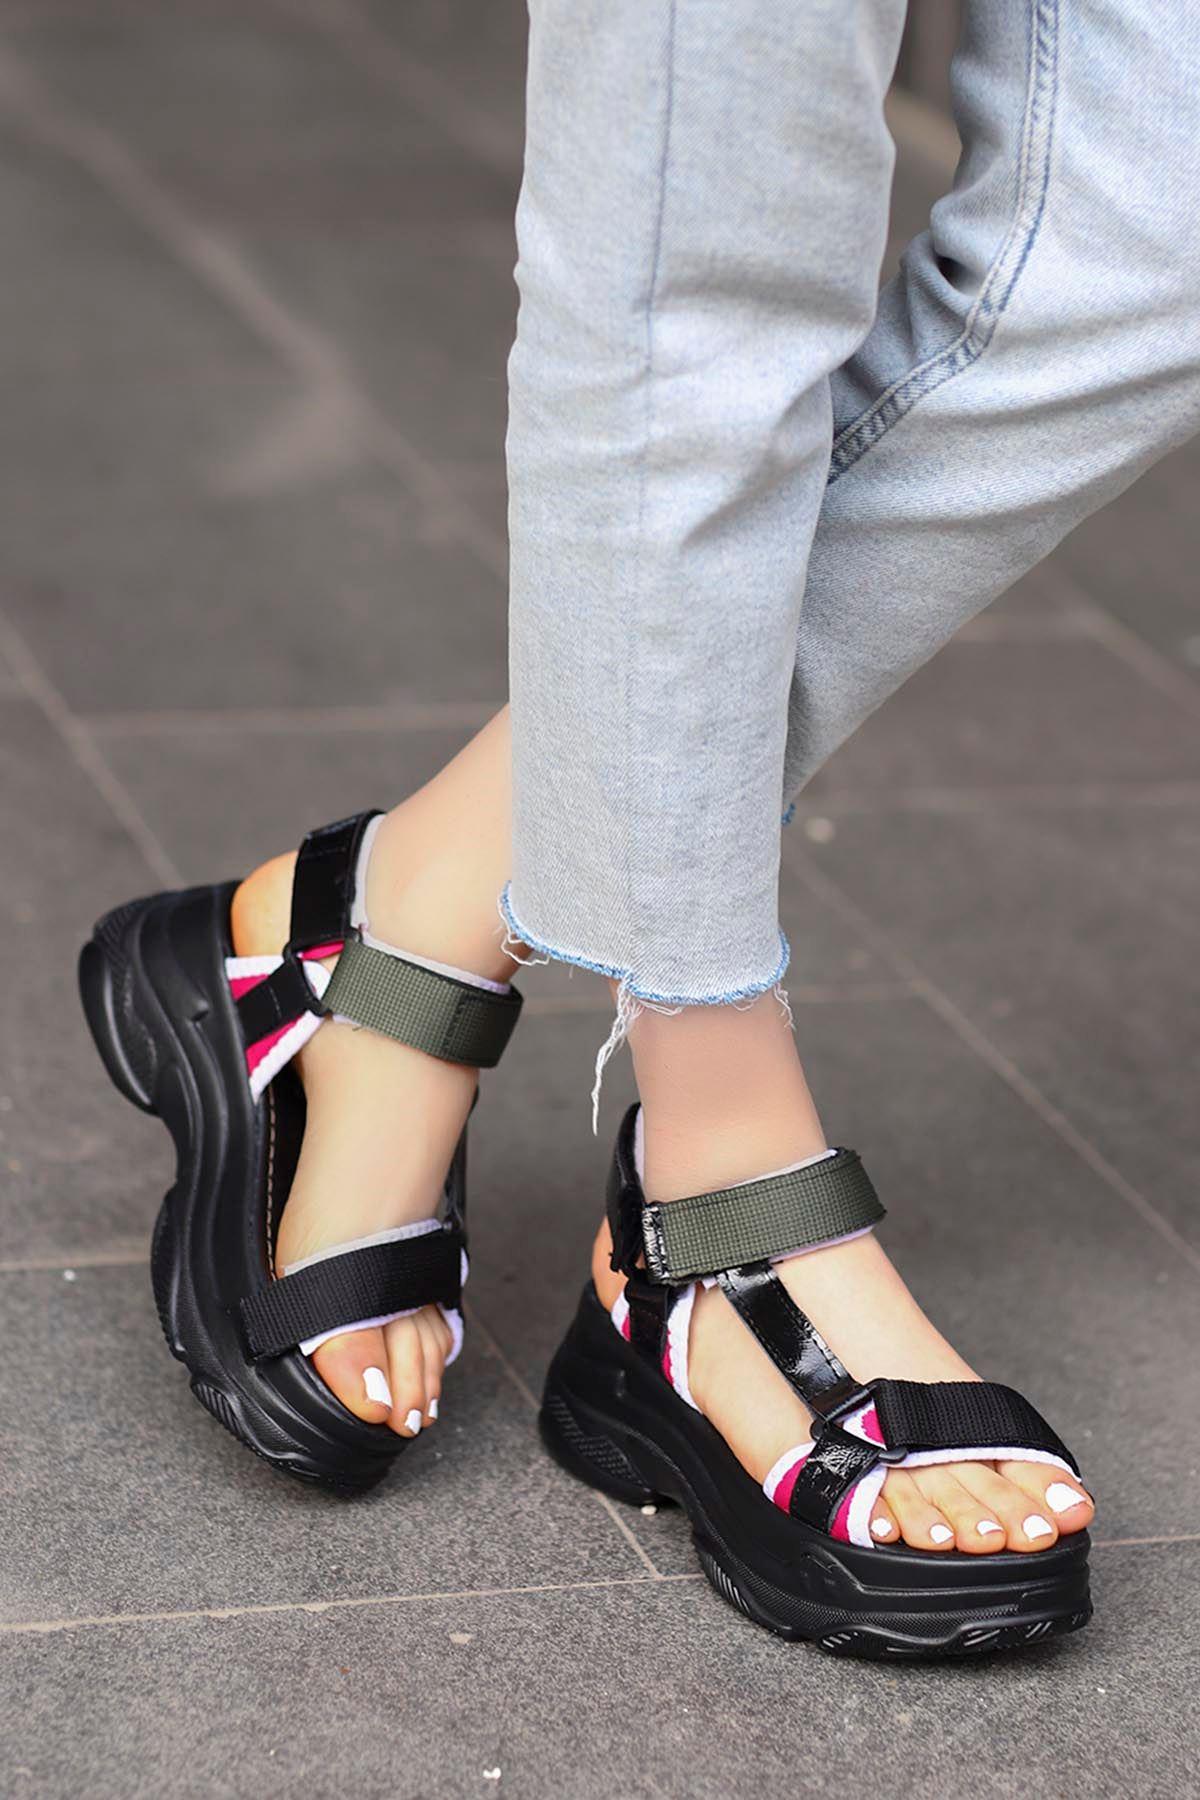 Rafael Dolgu Taban Sandalet Siyah/Yeşil